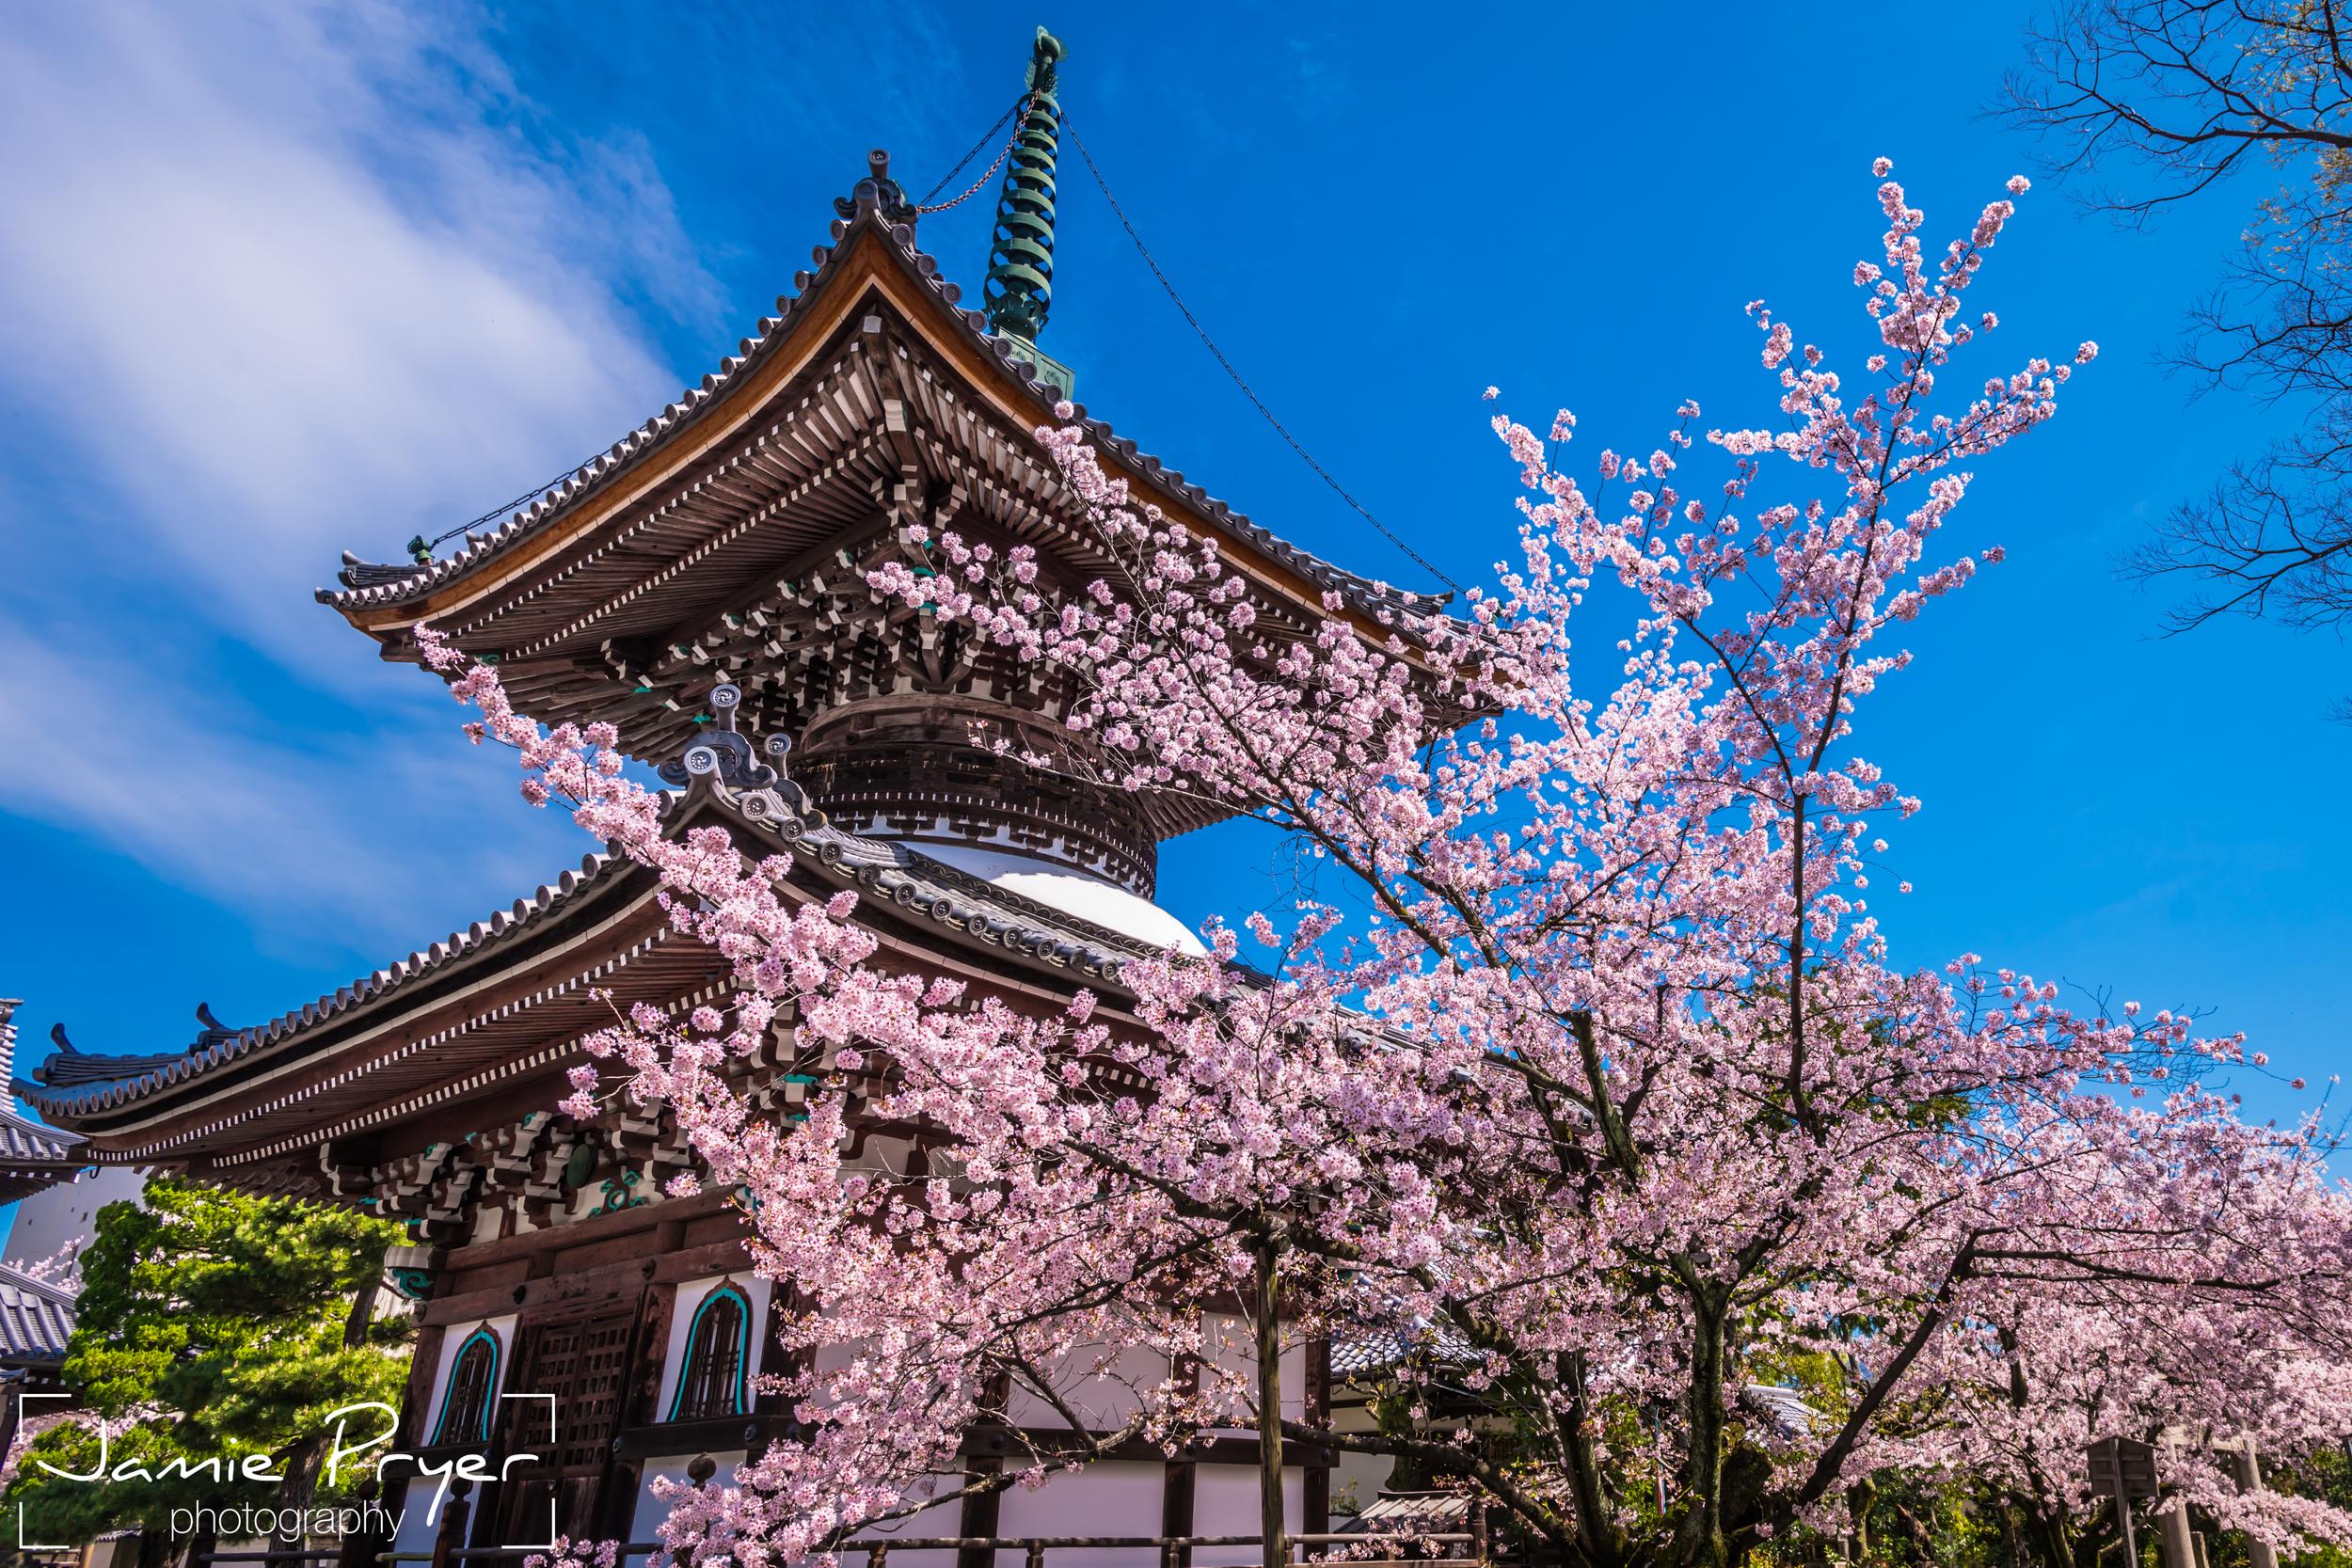 Blossum and Architecture.jpg